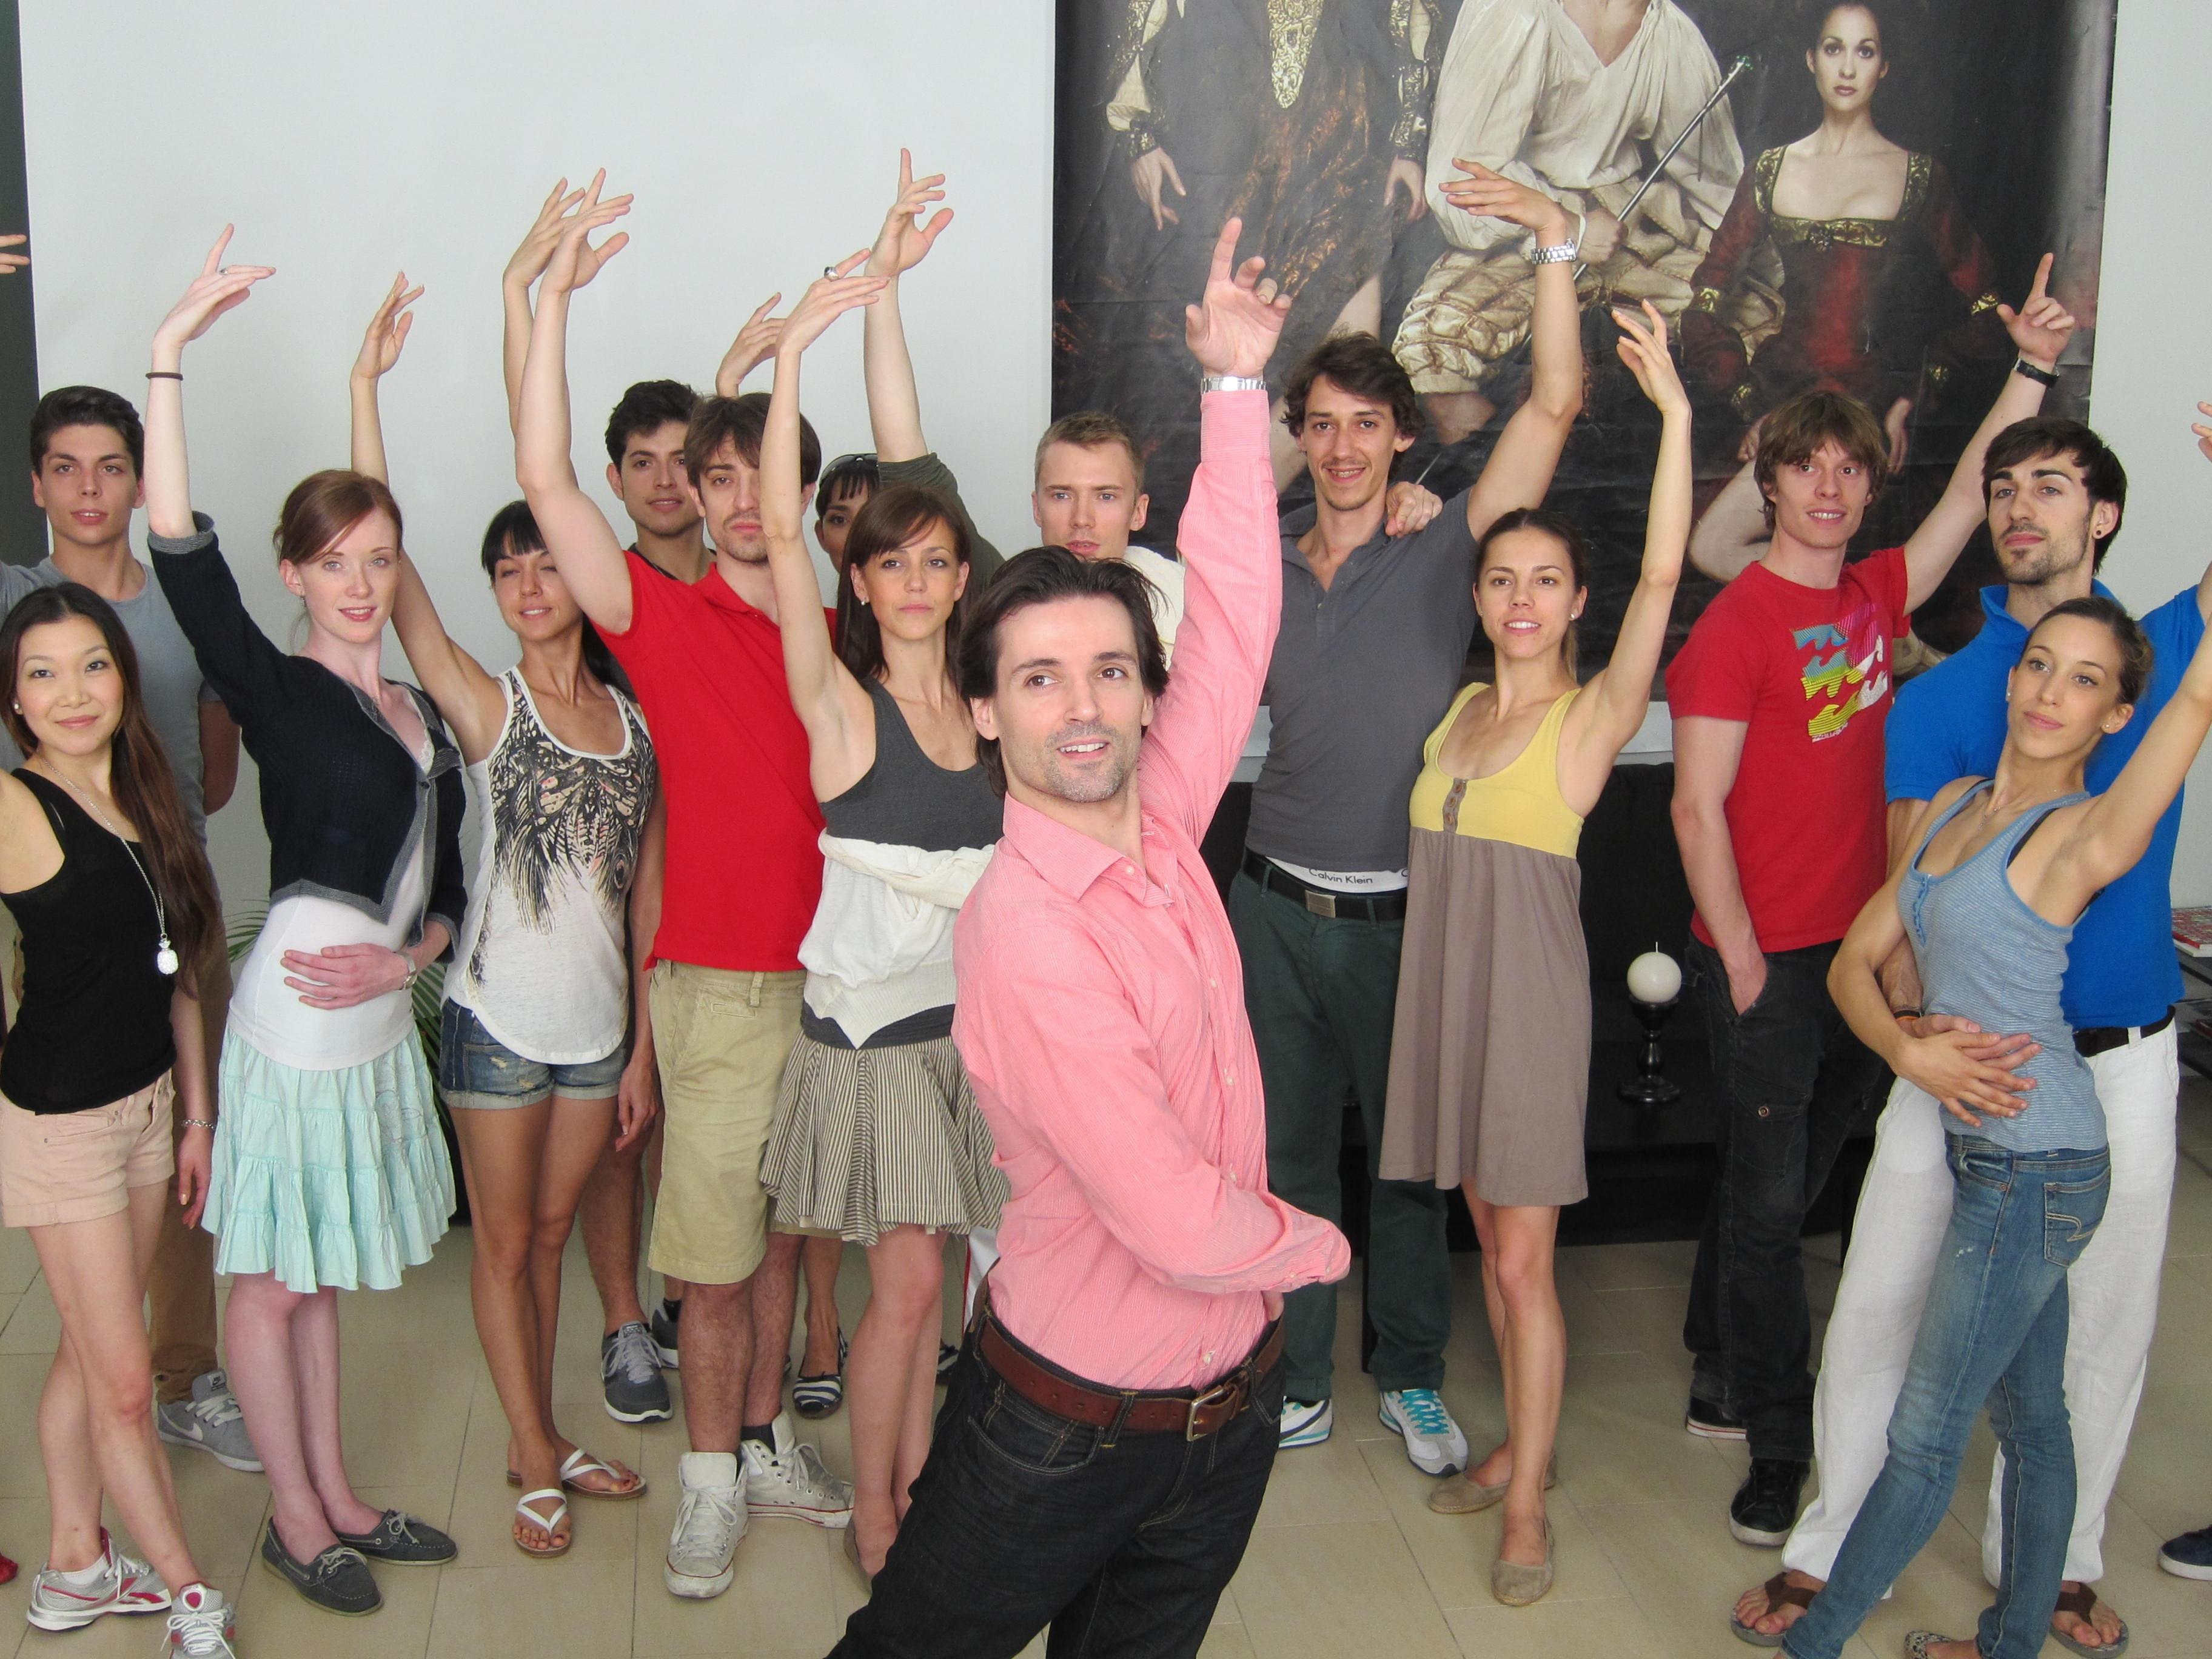 Ángel Corella volverá a Estados Unidos para dirigir una compañía de danza